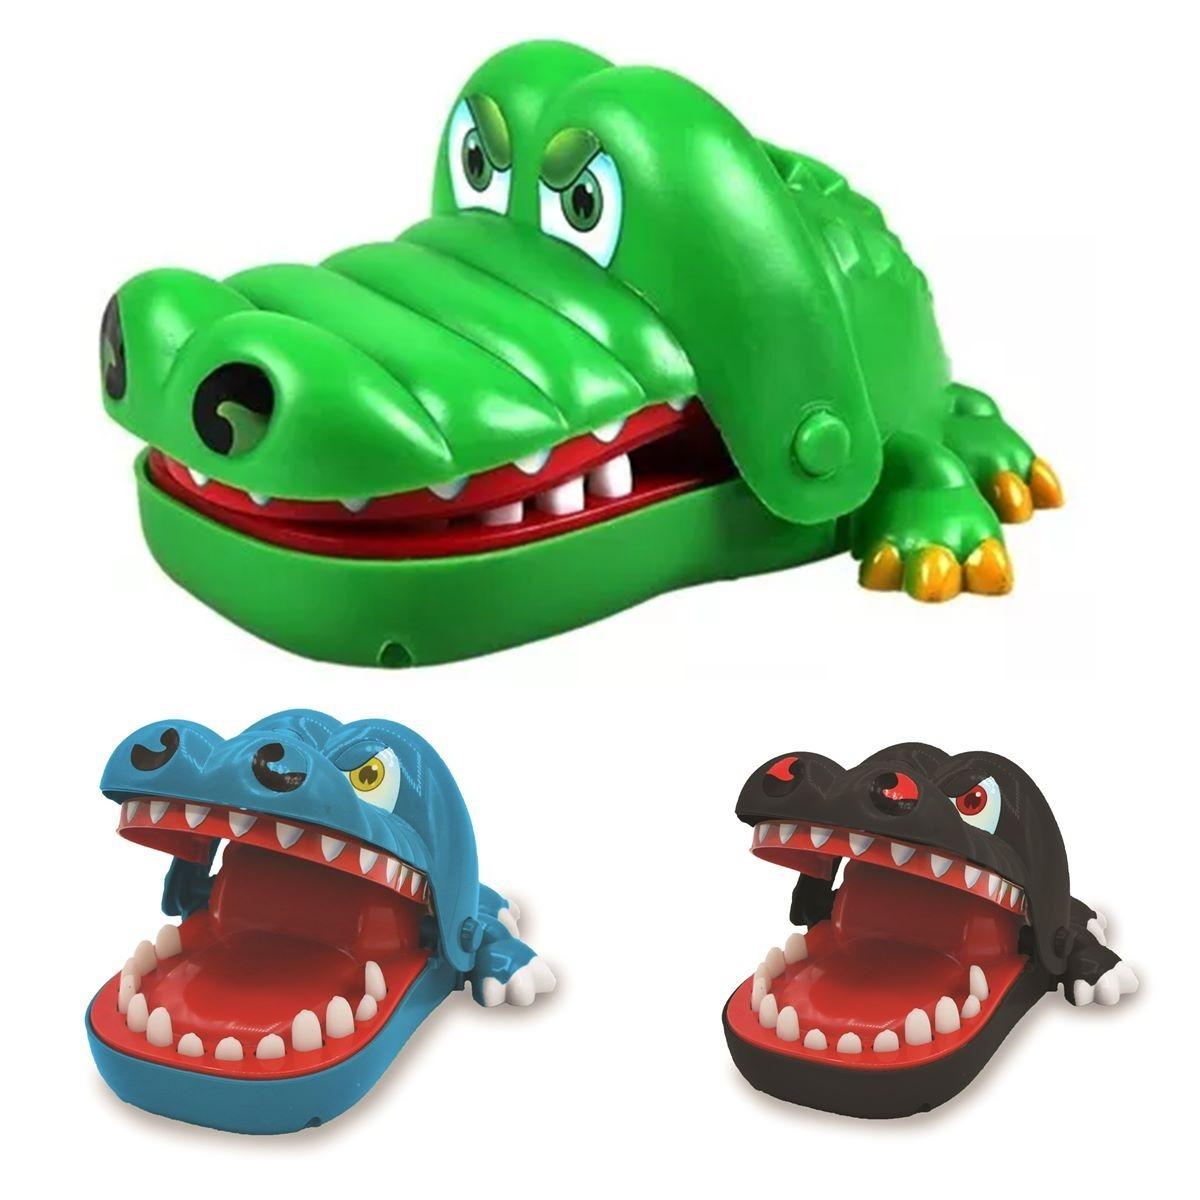 Jogo Infantil Crocodilo Dentista Mordida Do Jacaré - R  49,99 em Mercado  Livre f48dbbc36d